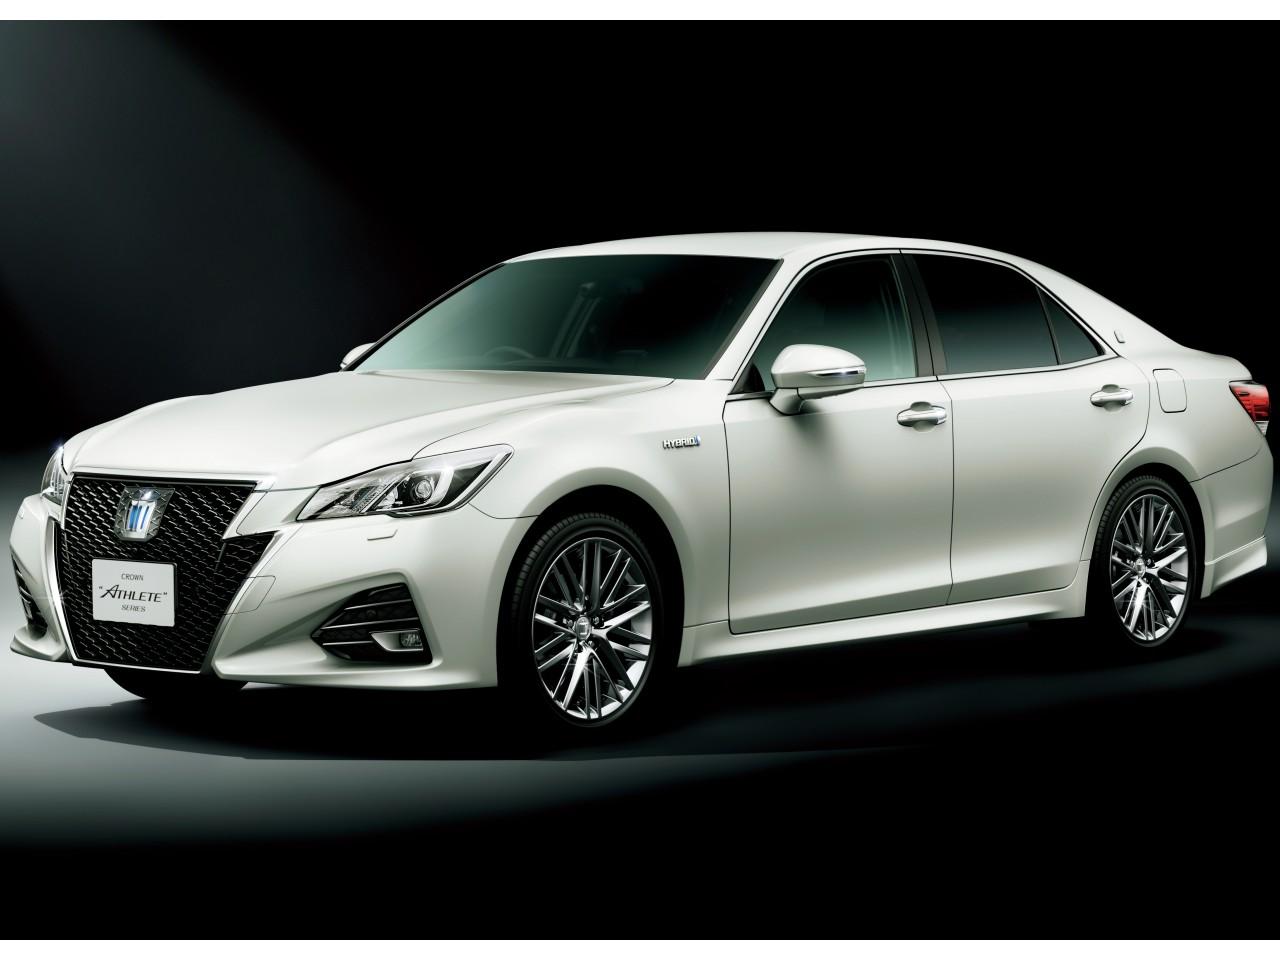 トヨタ クラウン アスリート ハイブリッド 2012年モデル 新車画像